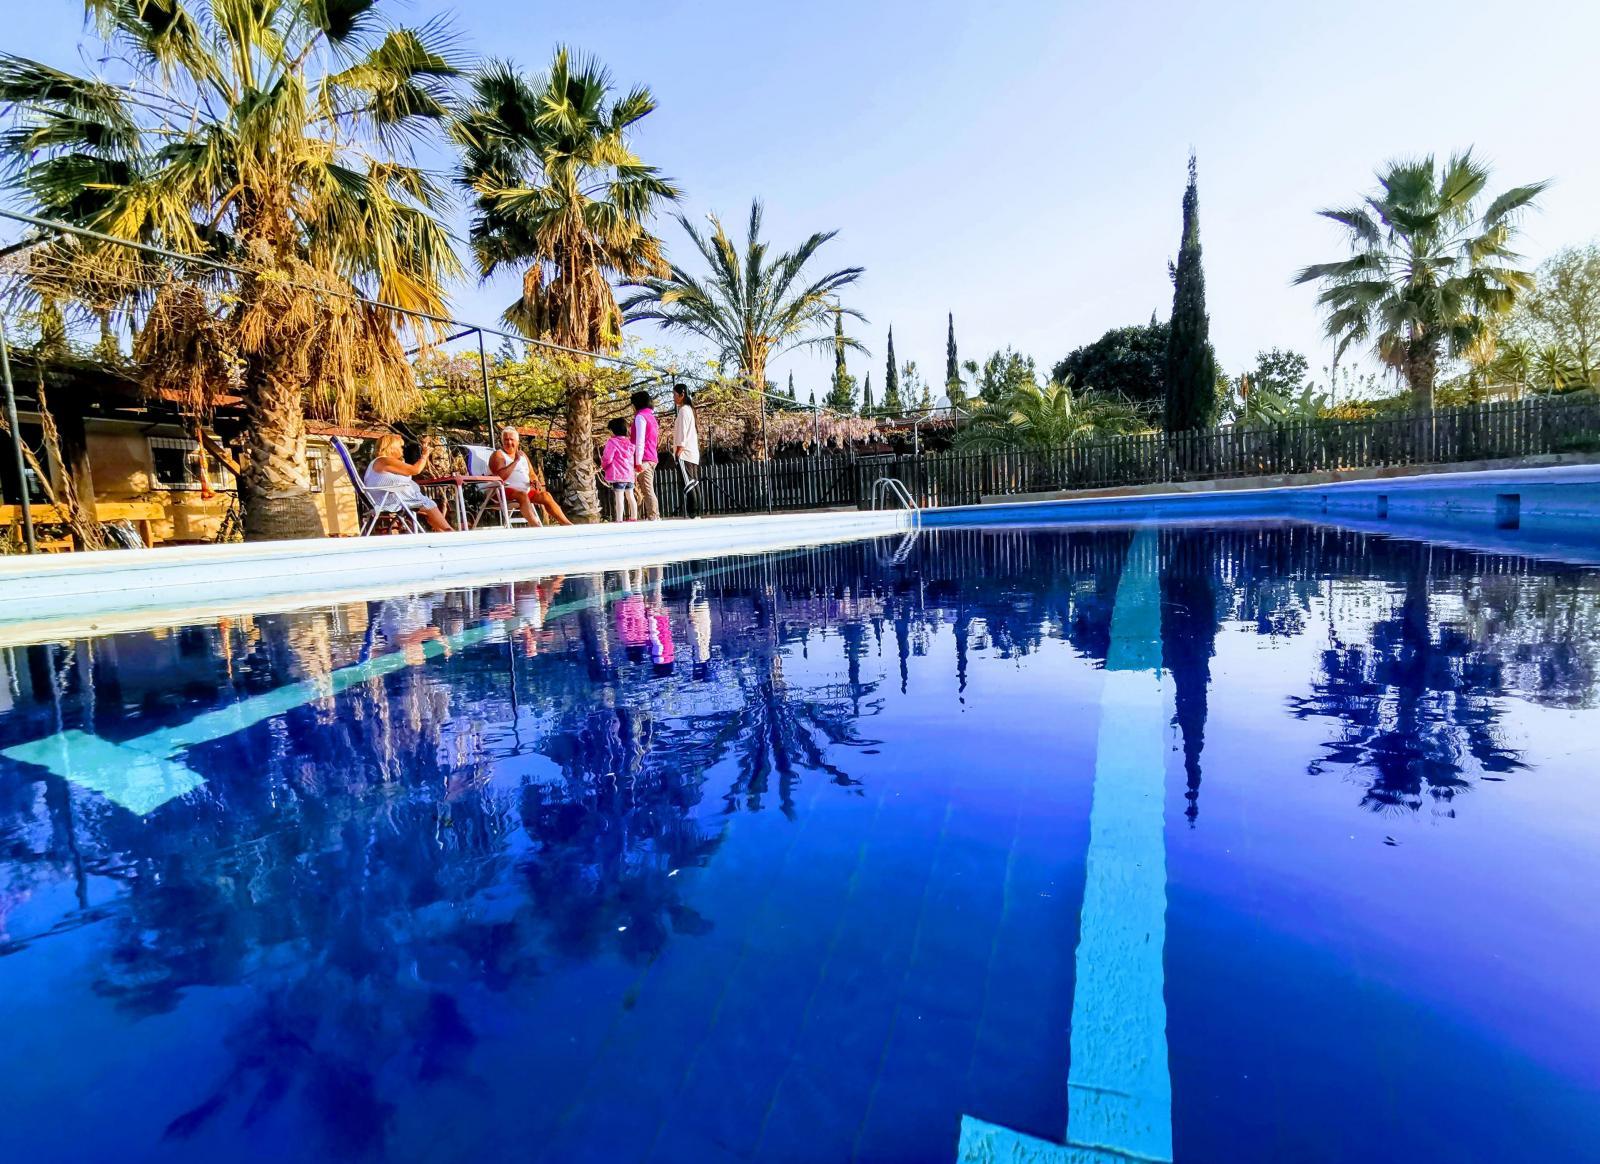 Swimmingpool för svalkande dopp och simträning ingår.